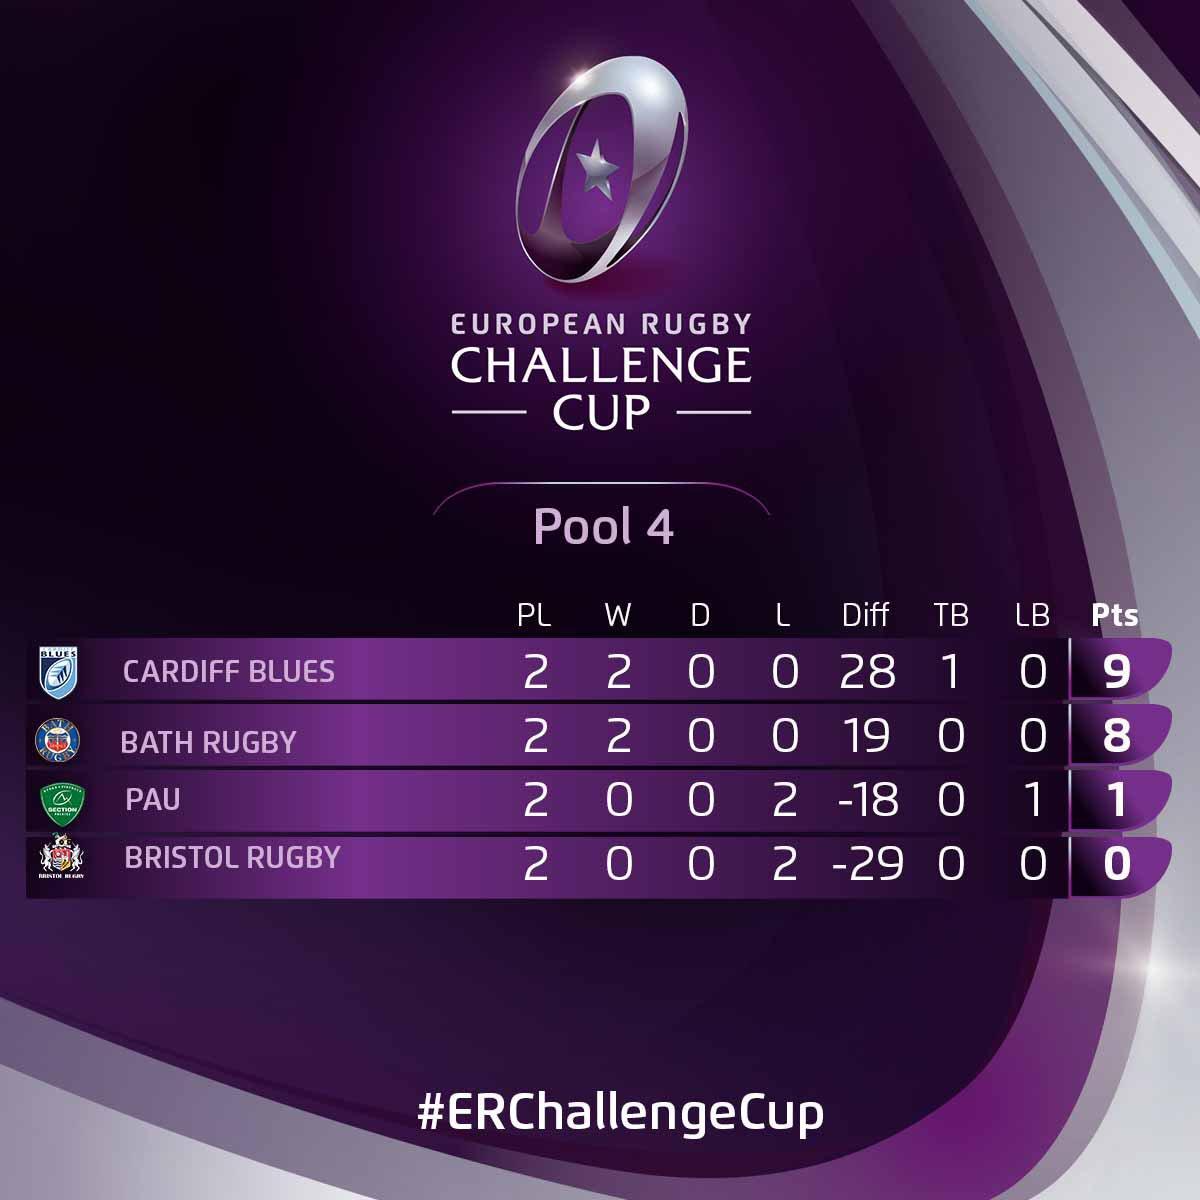 Edinburgh Rugby @EdinburghRugby